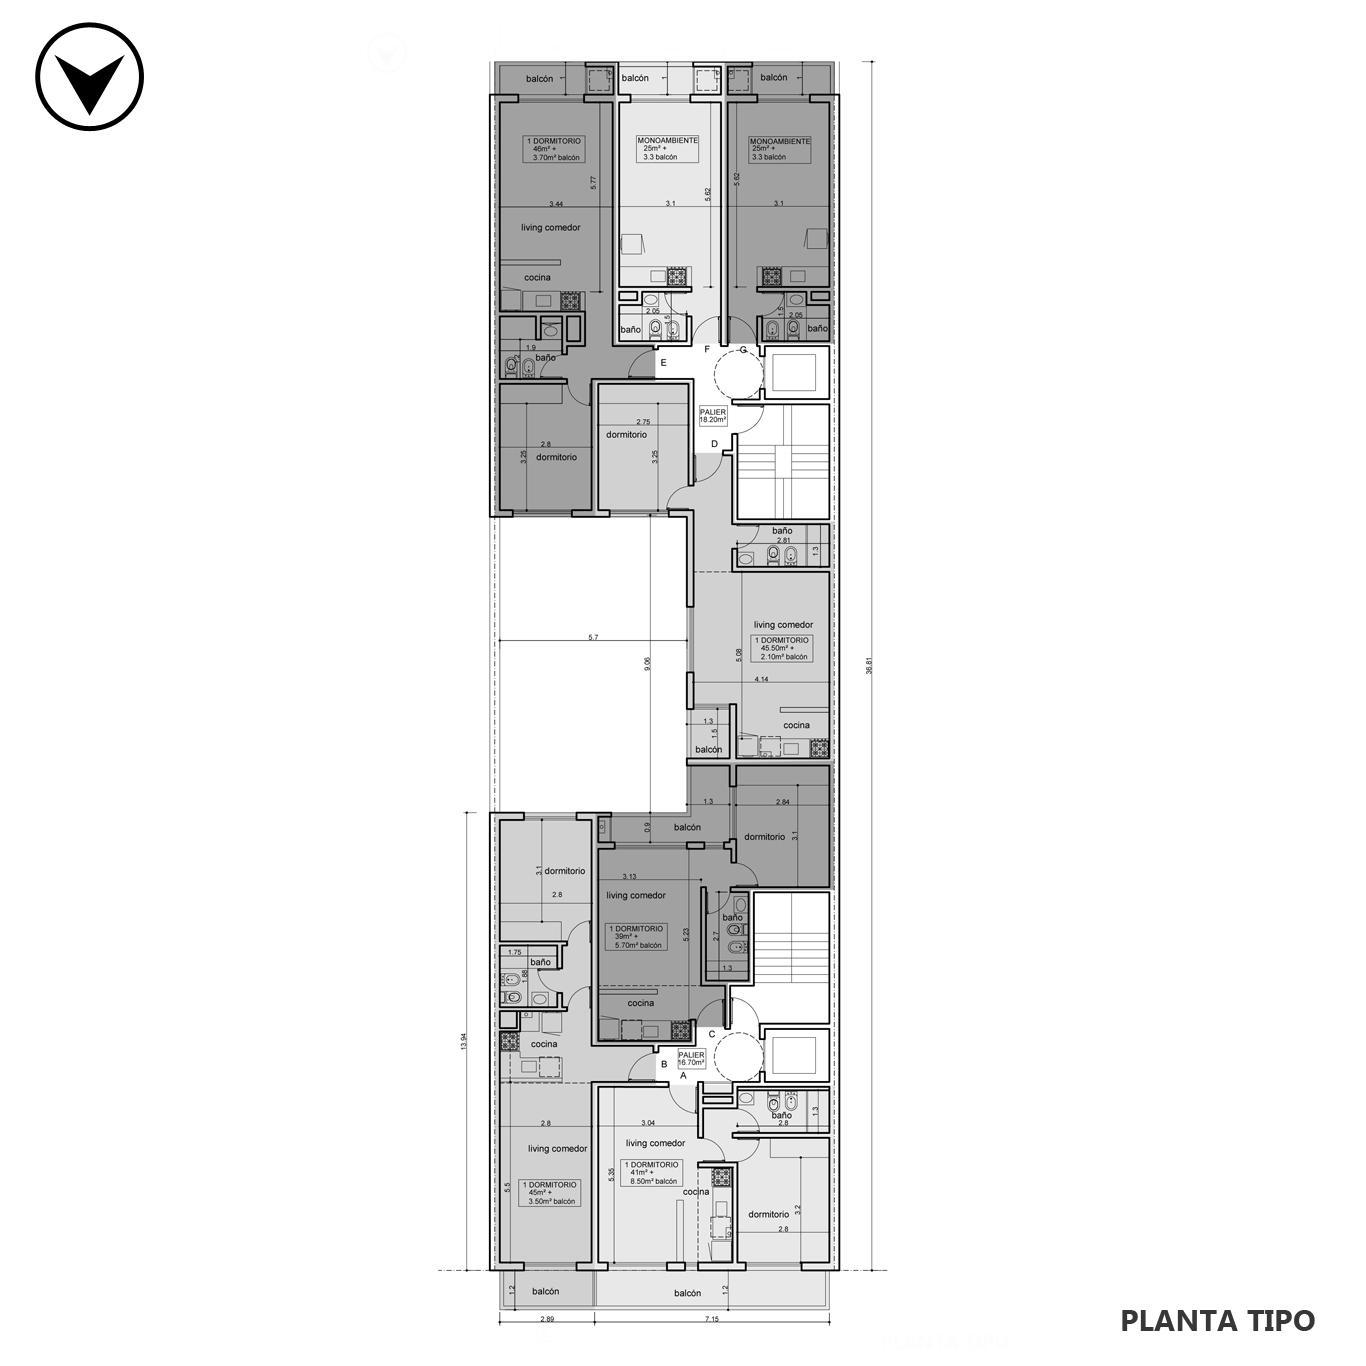 Venta departamento 1 dormitorio Rosario, Centro. Cod CBU24743 AP2301837. Crestale Propiedades